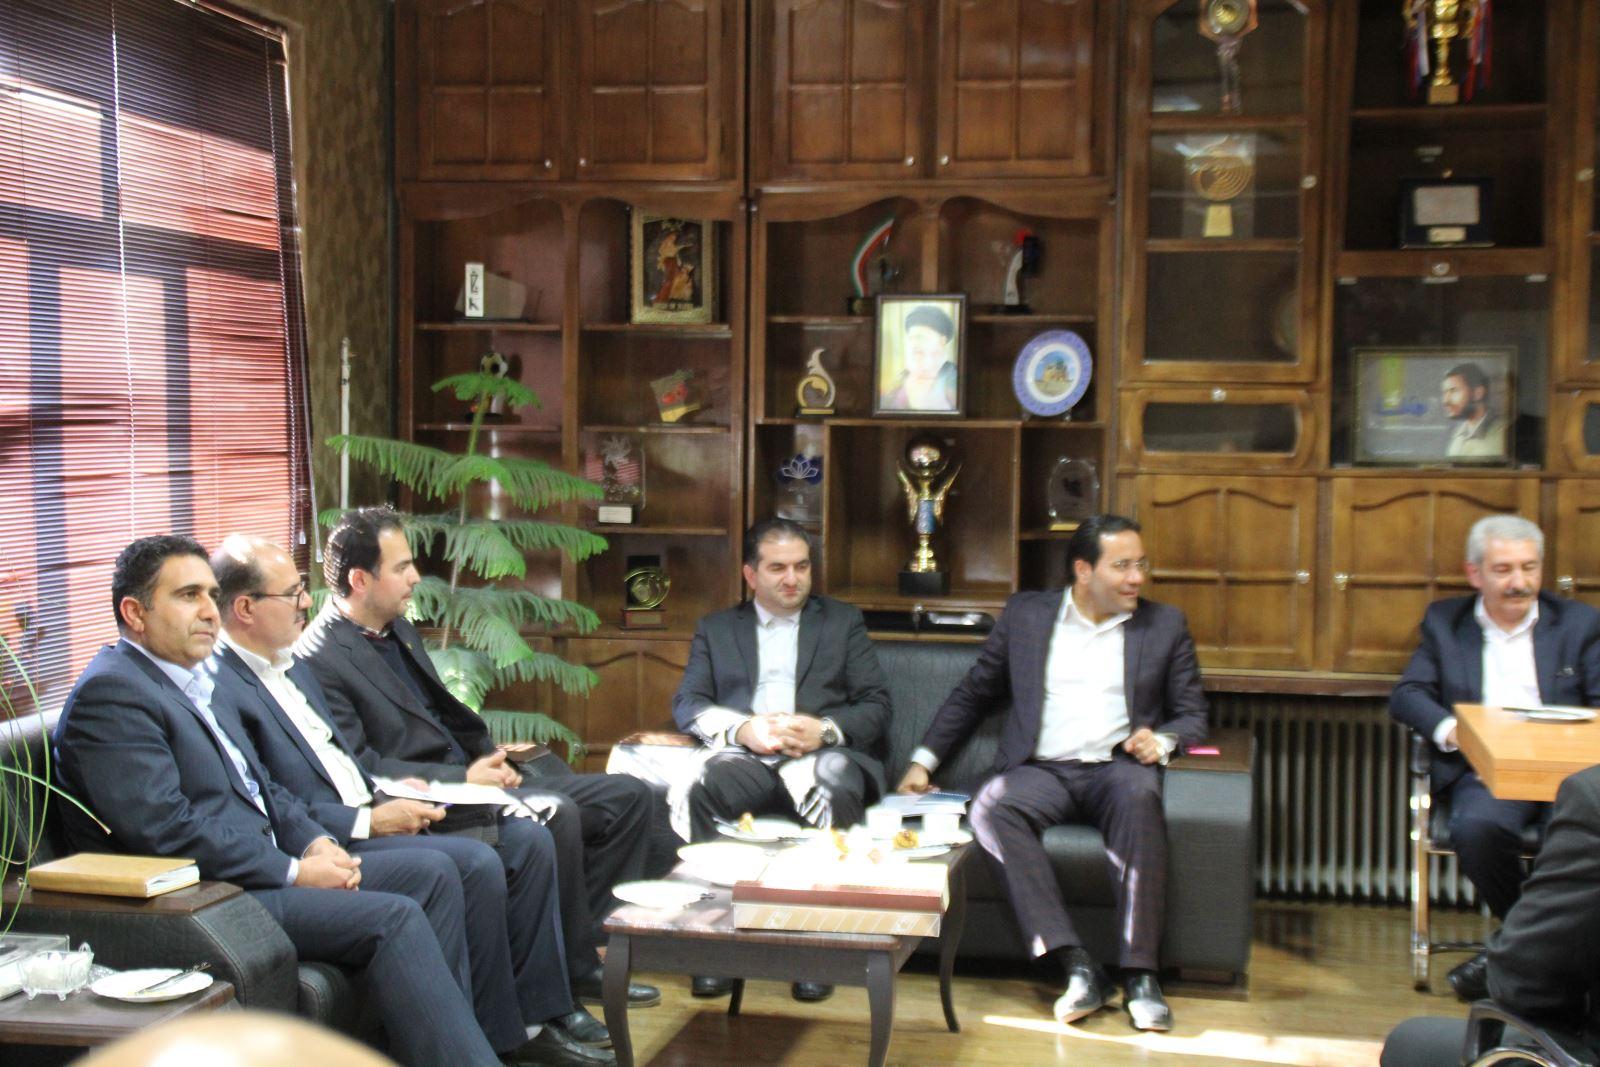 نشست مشترک هیأت رئیسه و مدیران سازمان با رئیس سازمان صنعت، معدن و تجارت